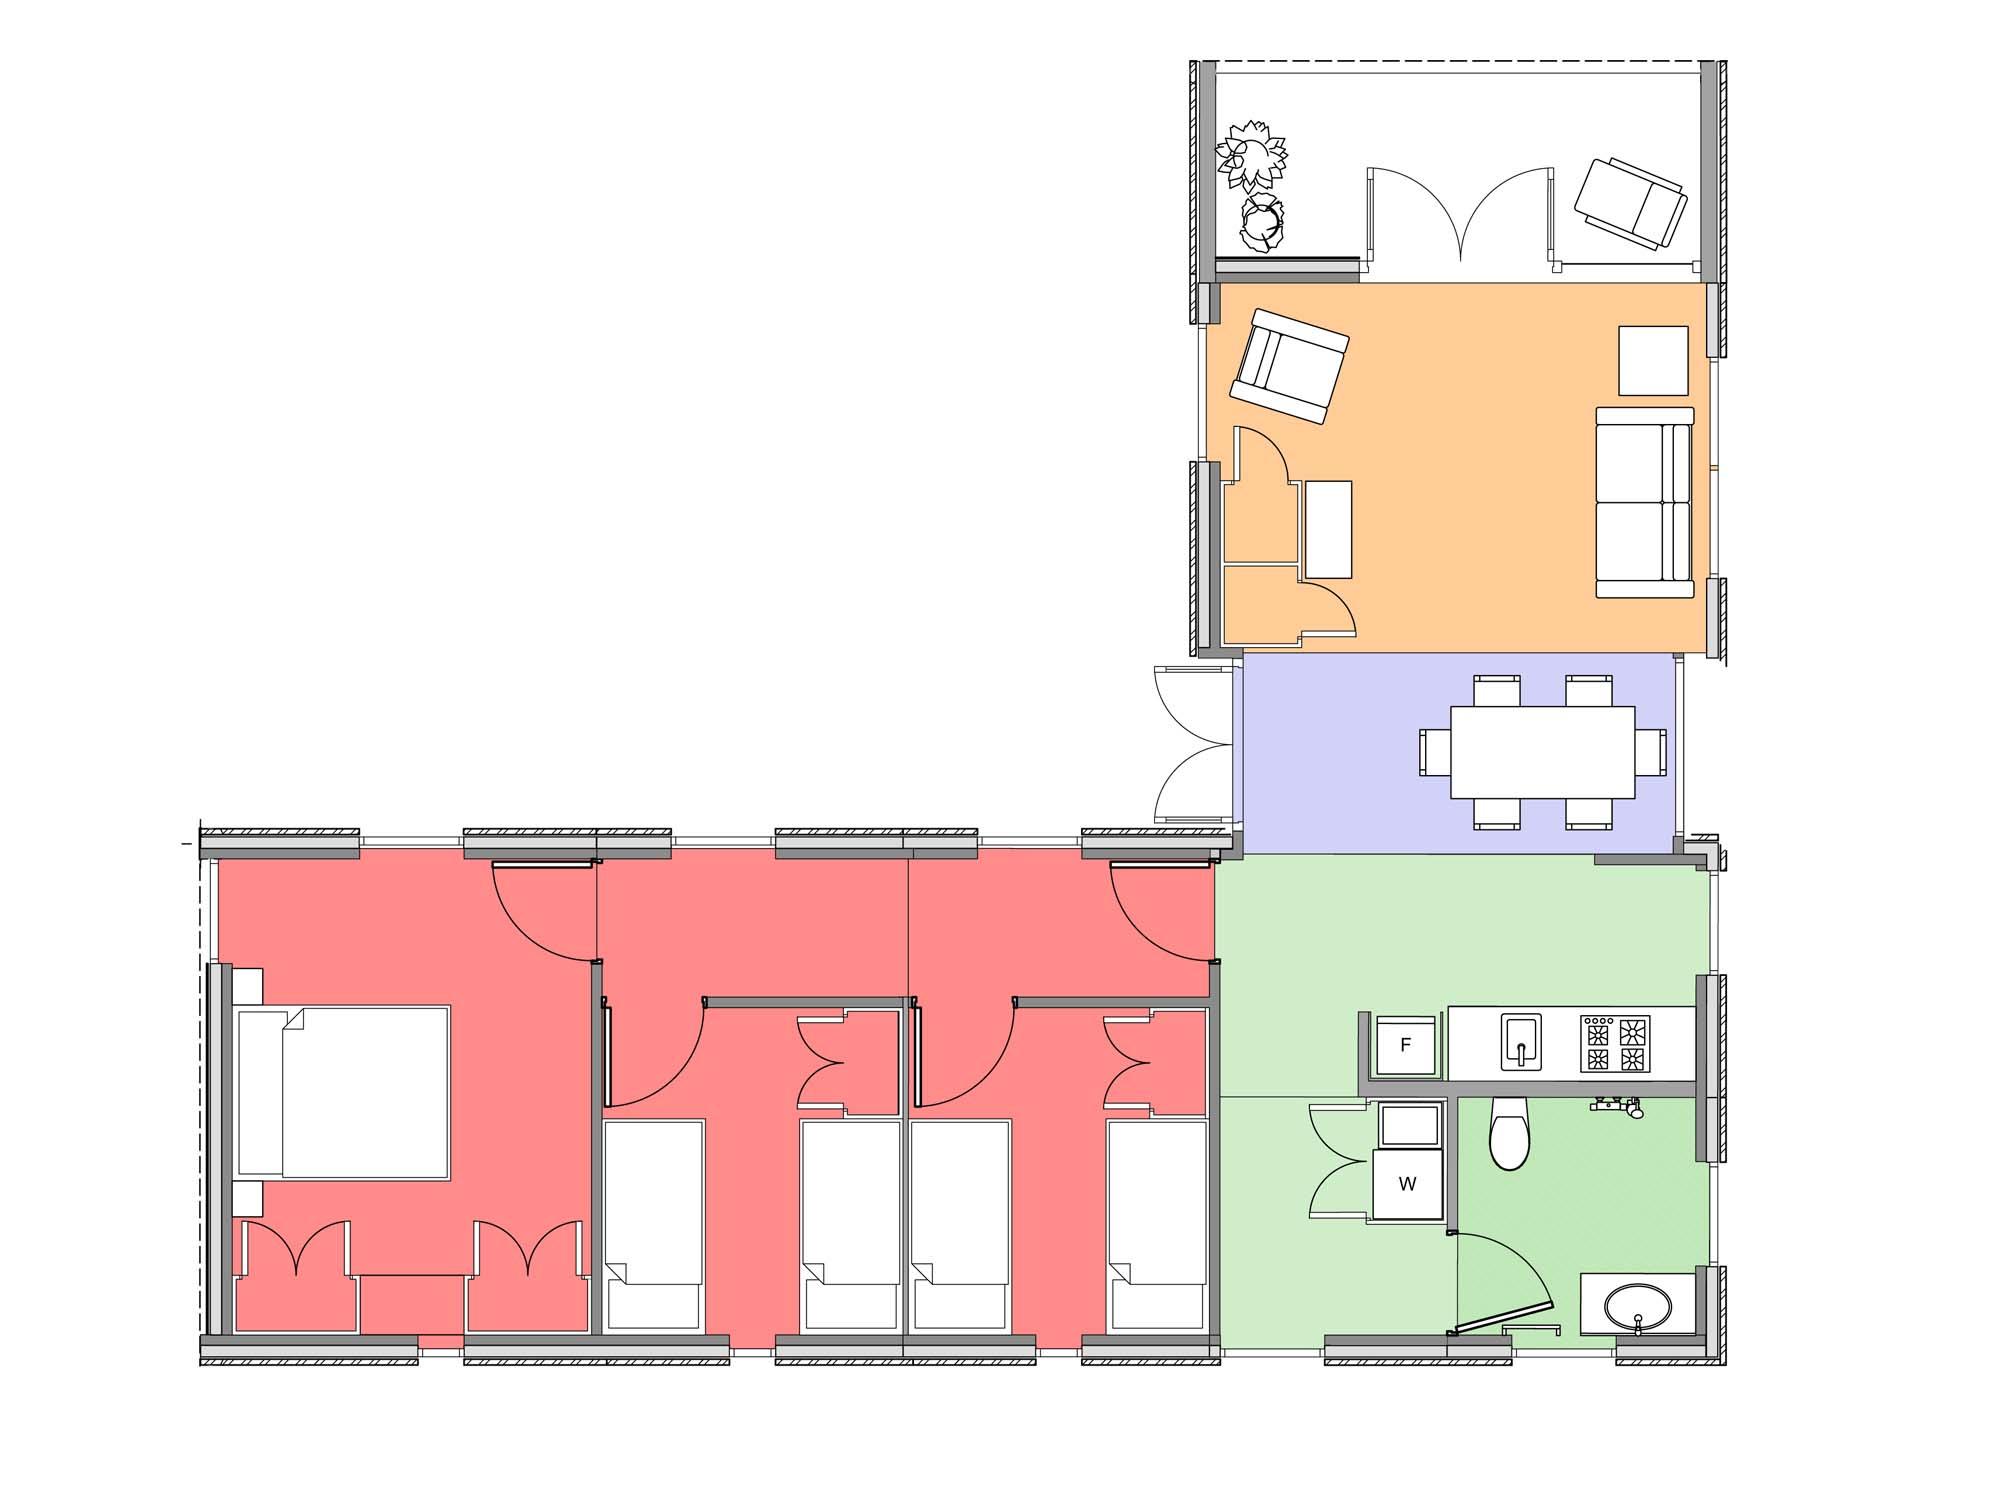 Plan of Te Whare-iti TWI 32